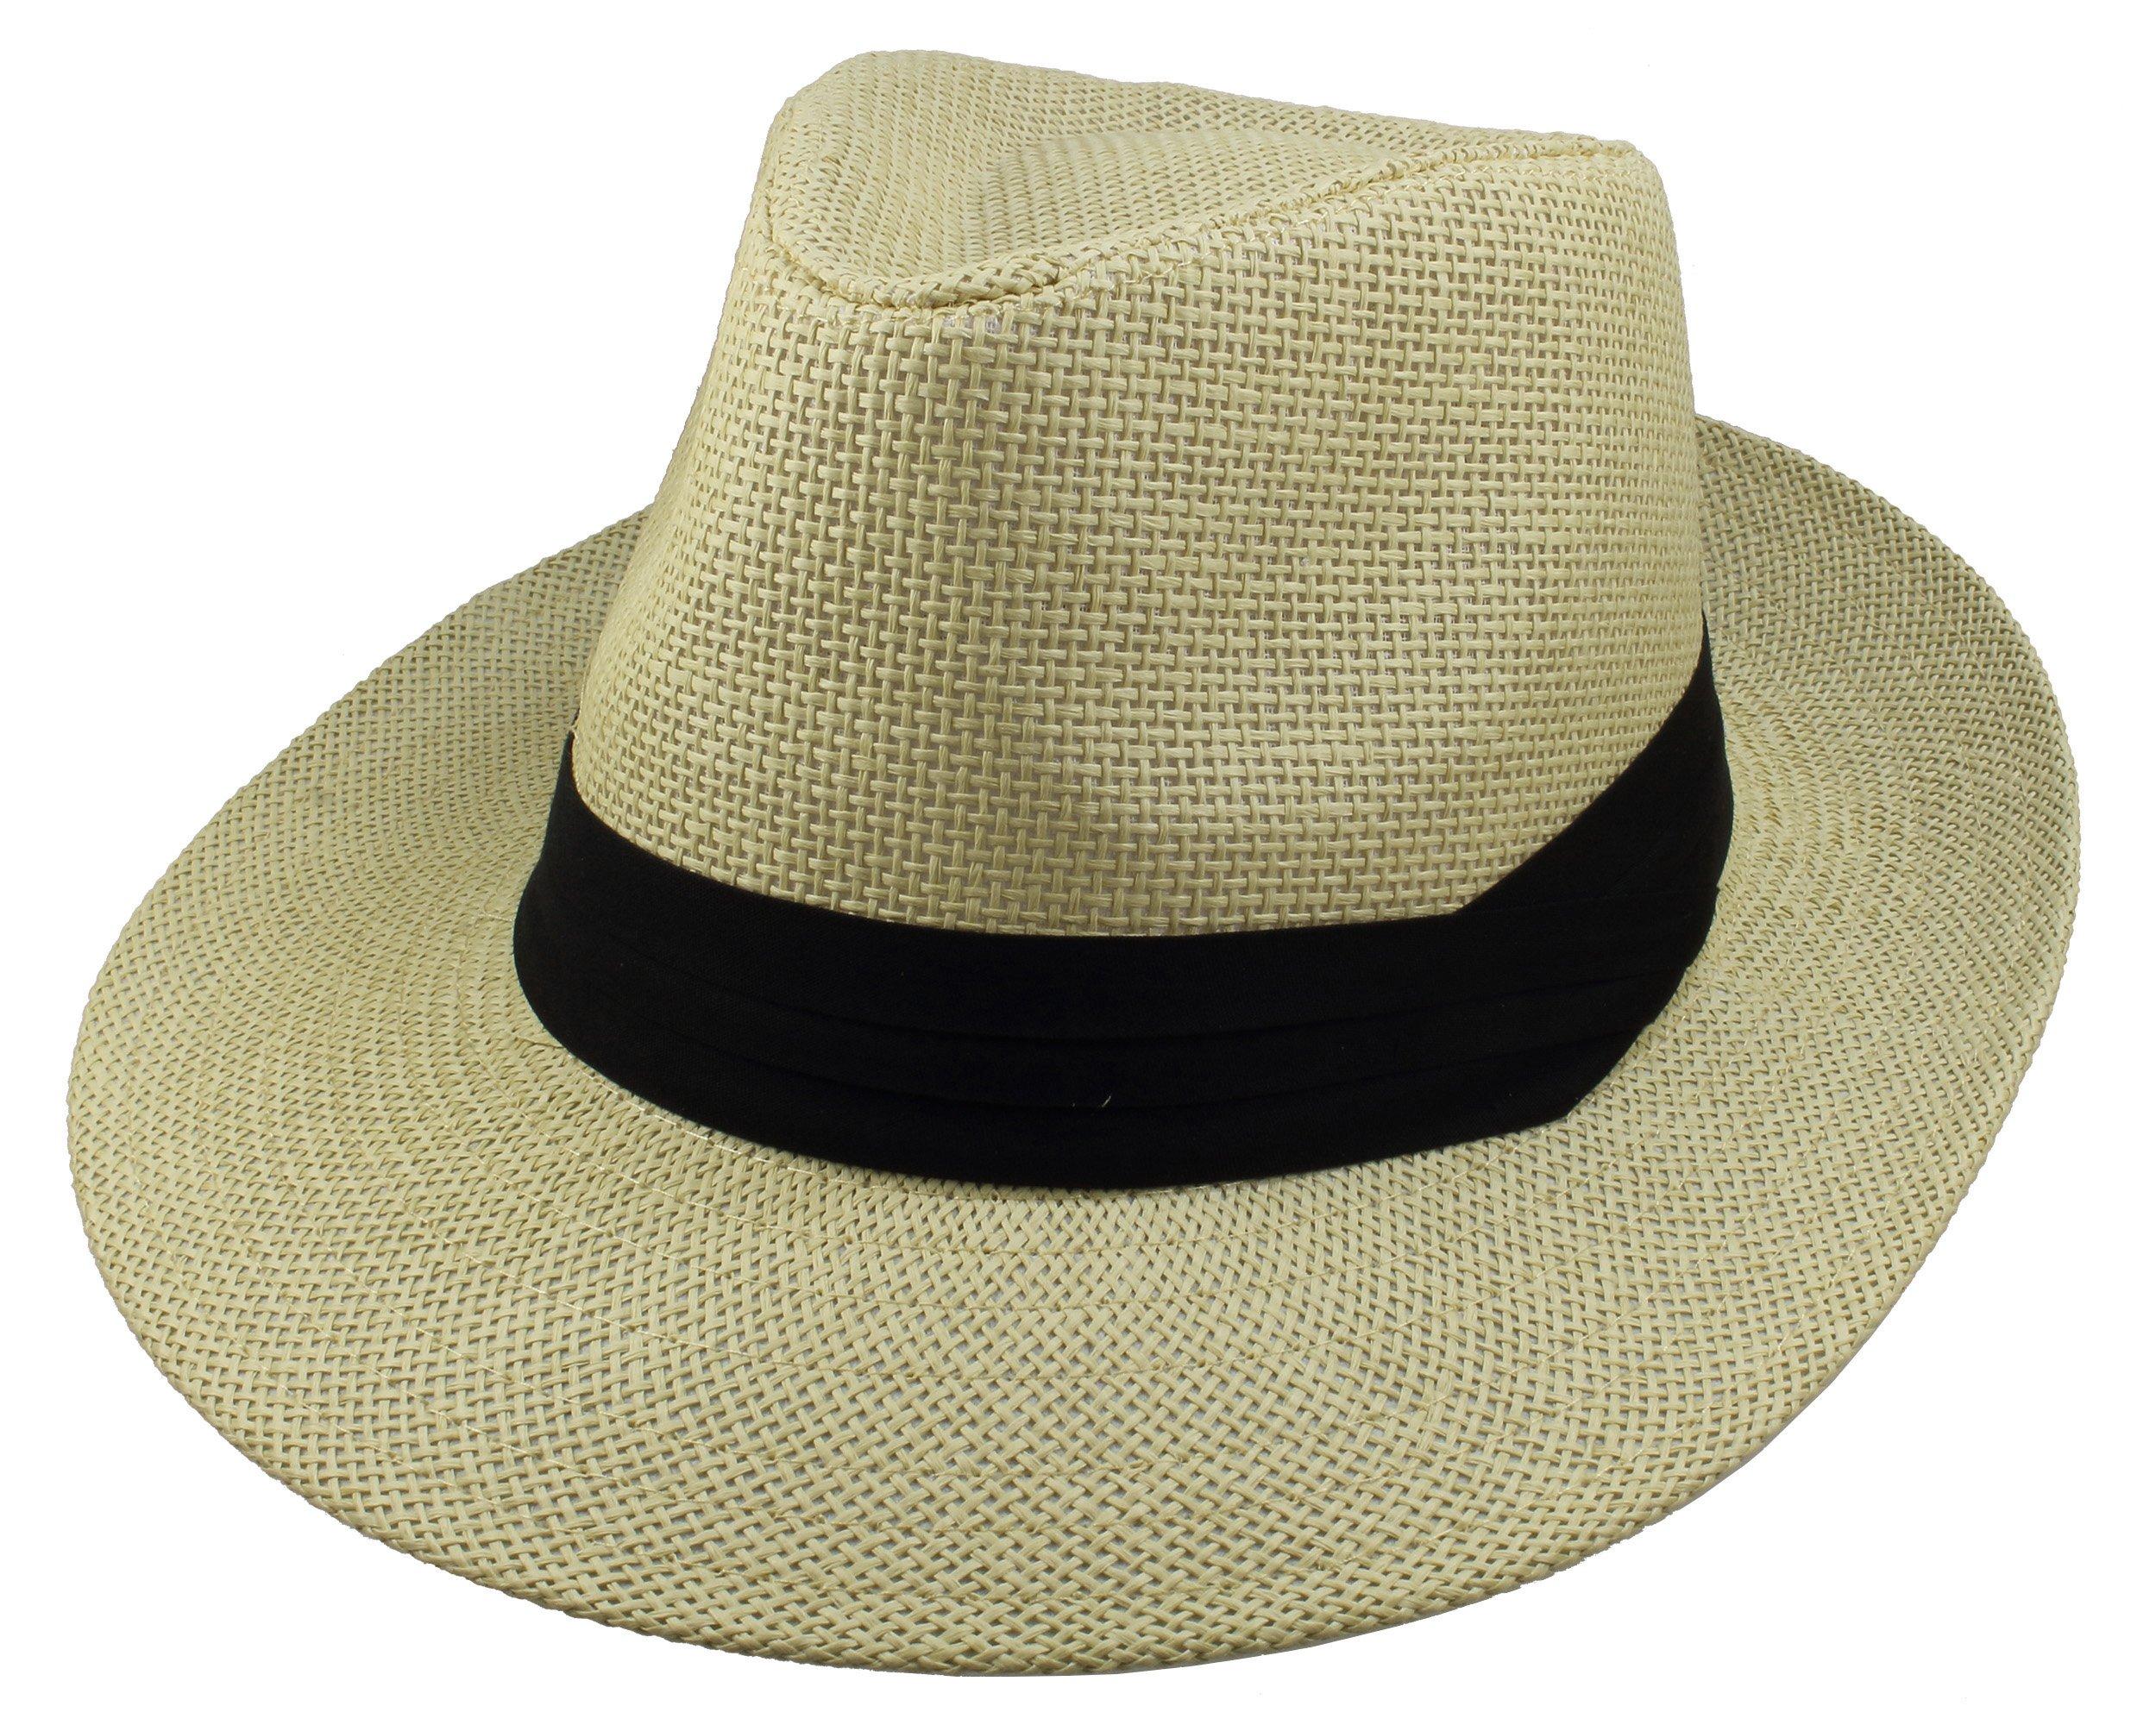 Gelante Wide Brim Summer Fedora Panama Straw Hats with Black Band M255-Beige-S/M